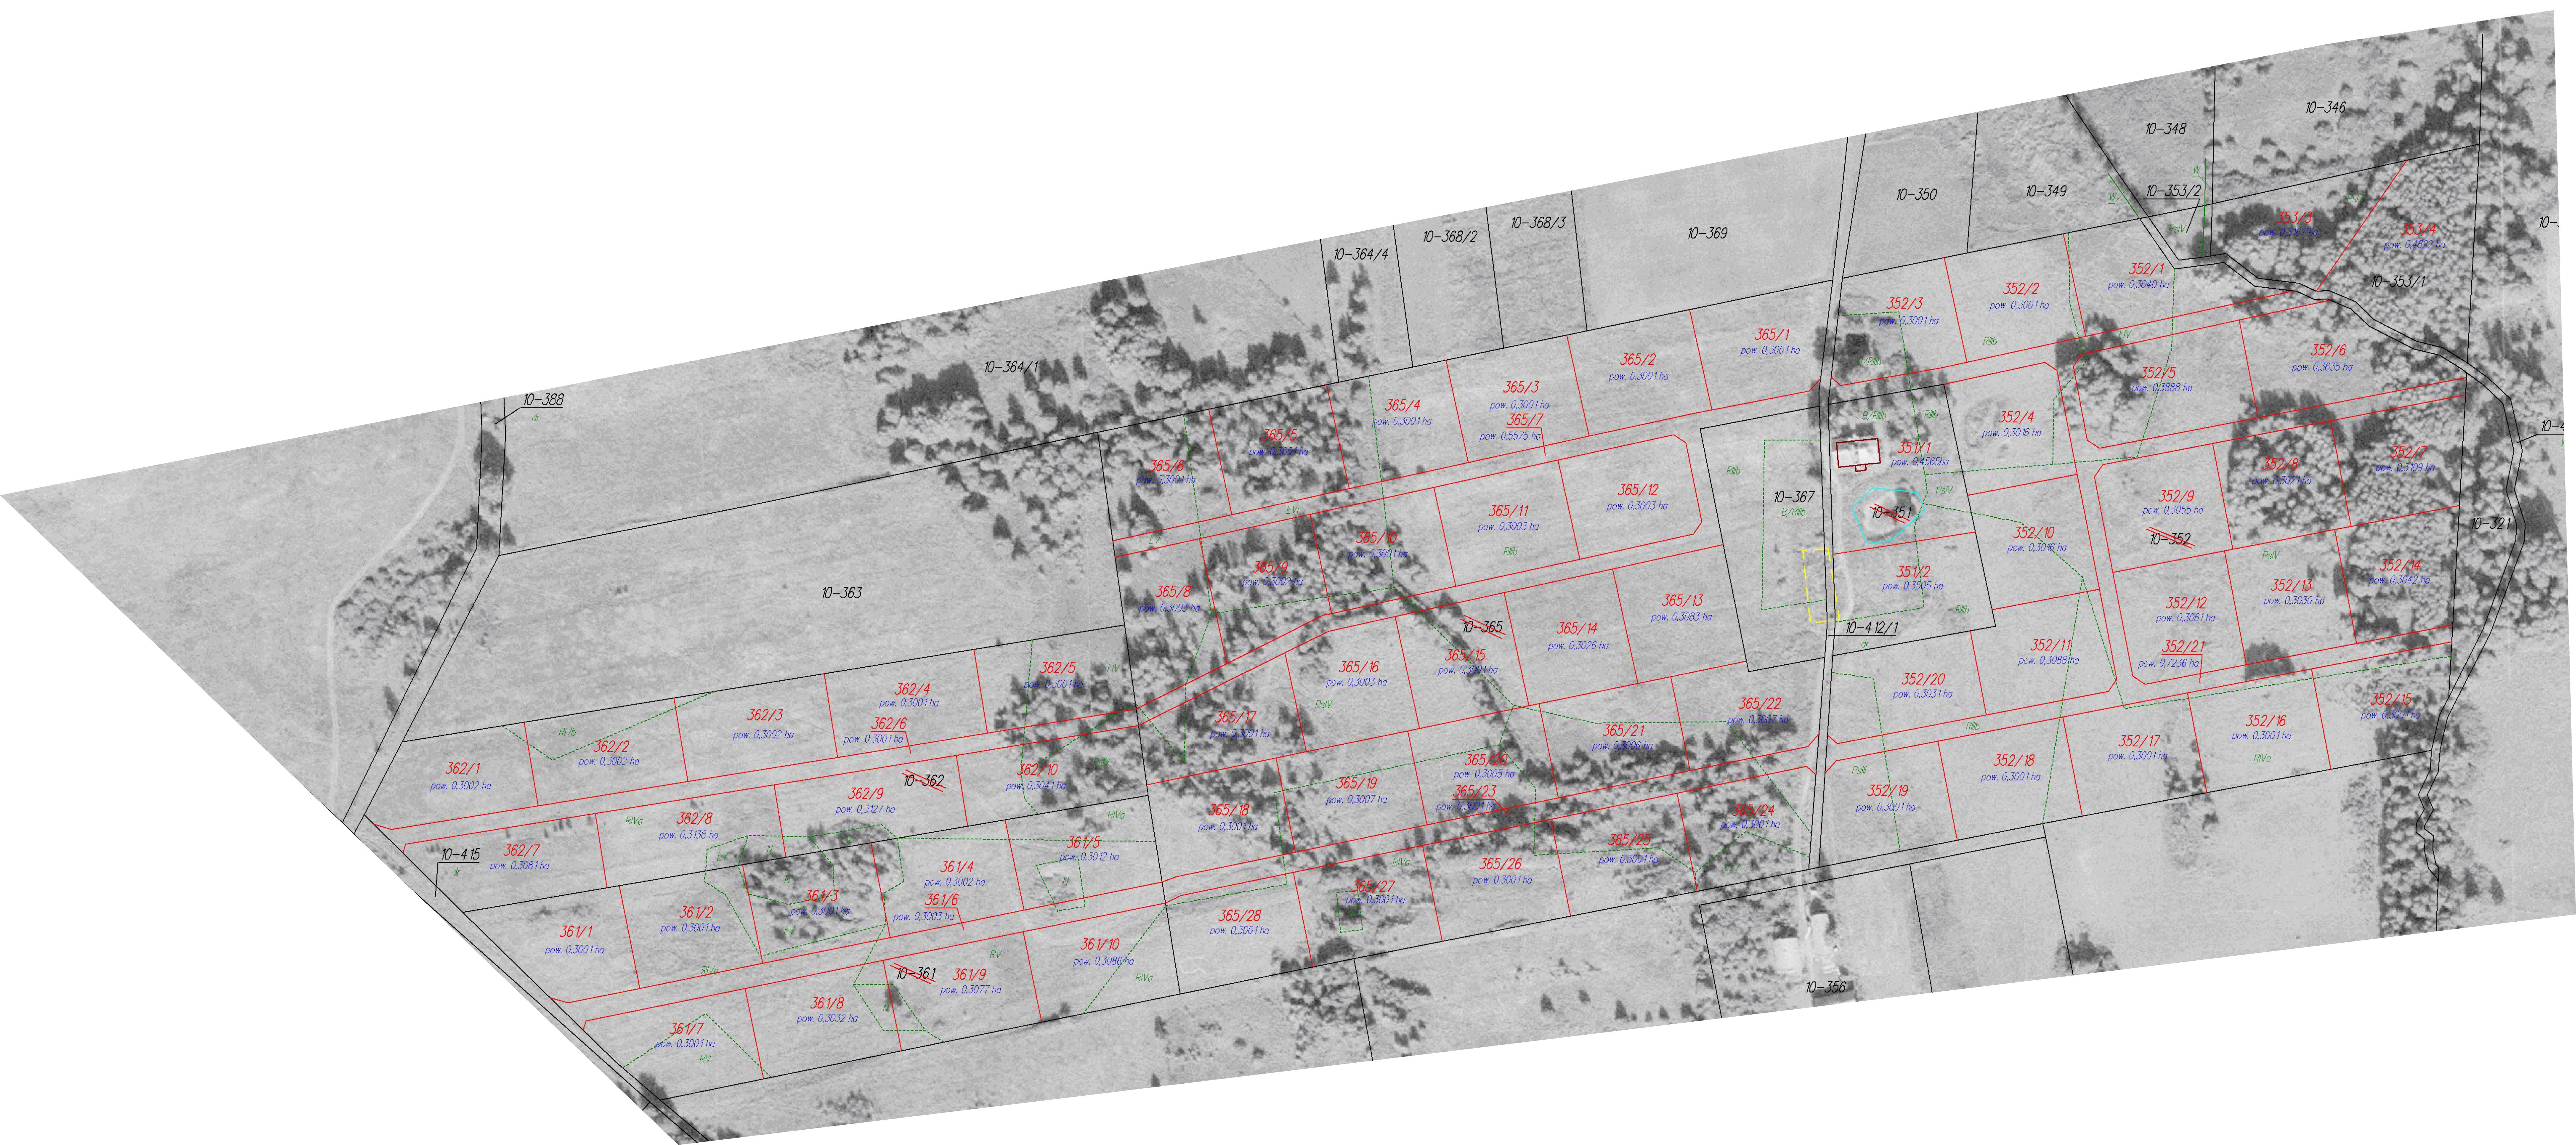 Skolity_mapa_podzialu